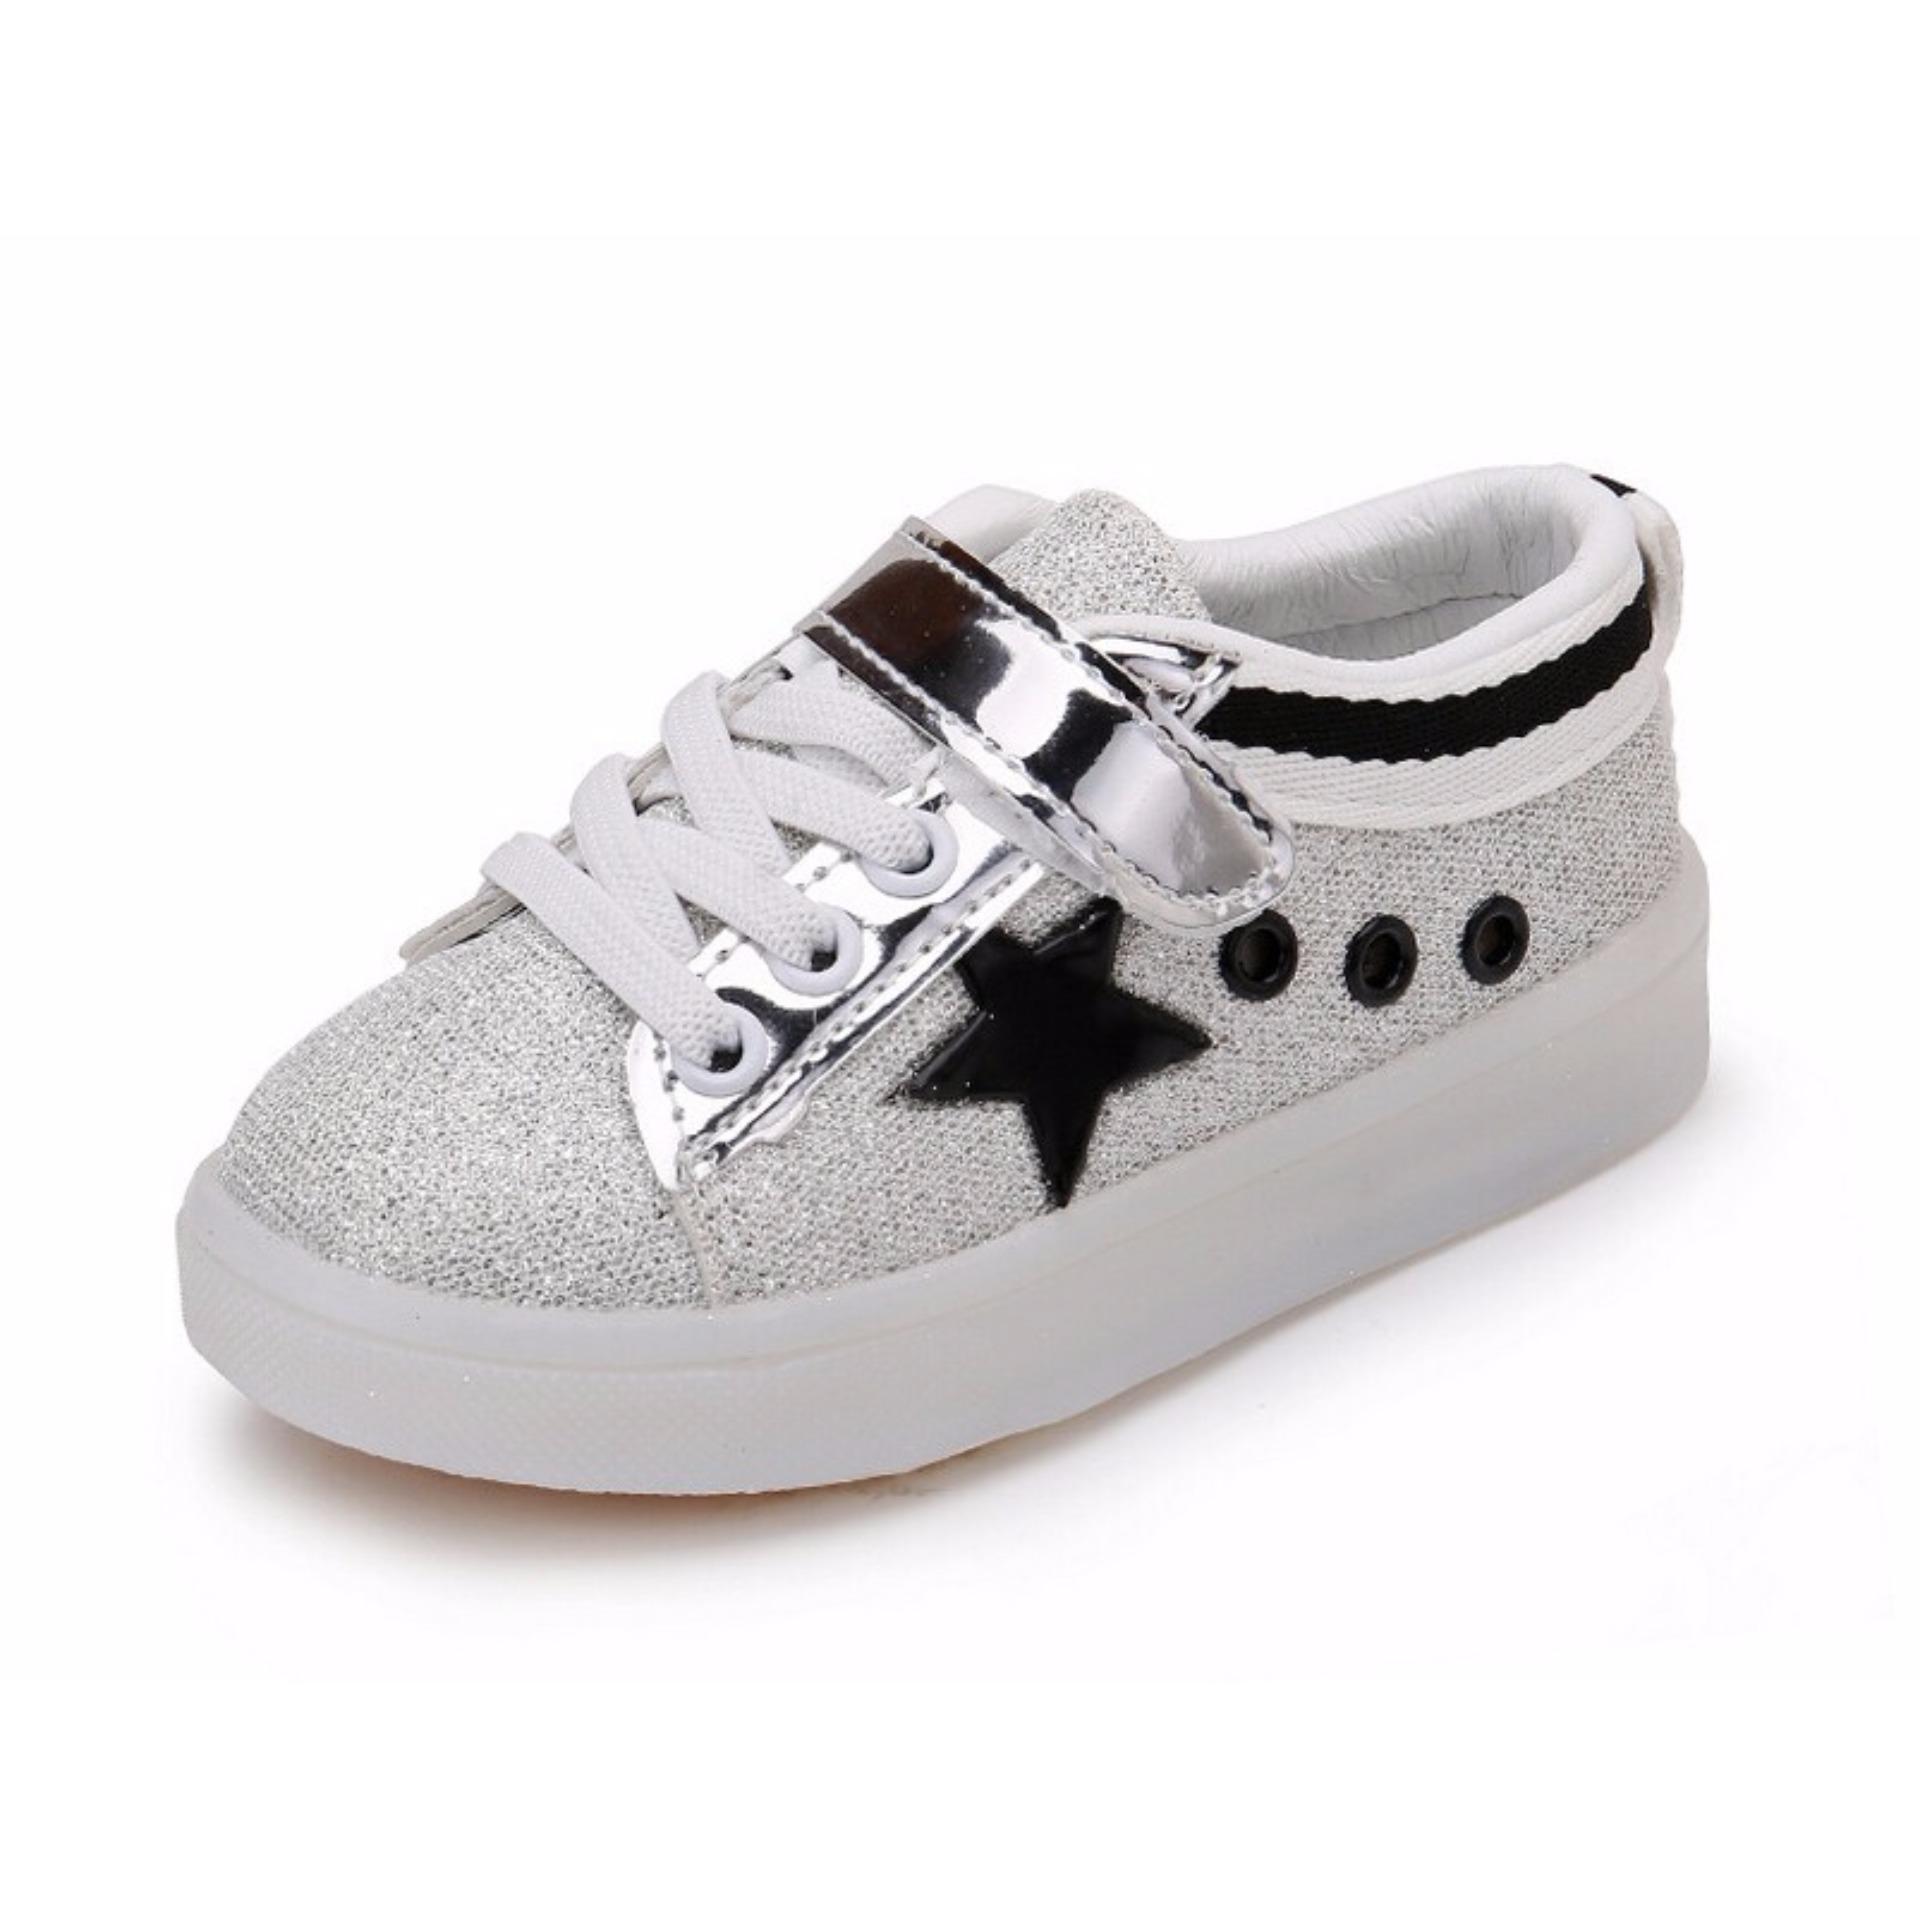 Toko Quincylabel Sepatu Anak Unisex Glitter Hitam Yang Bisa Kredit